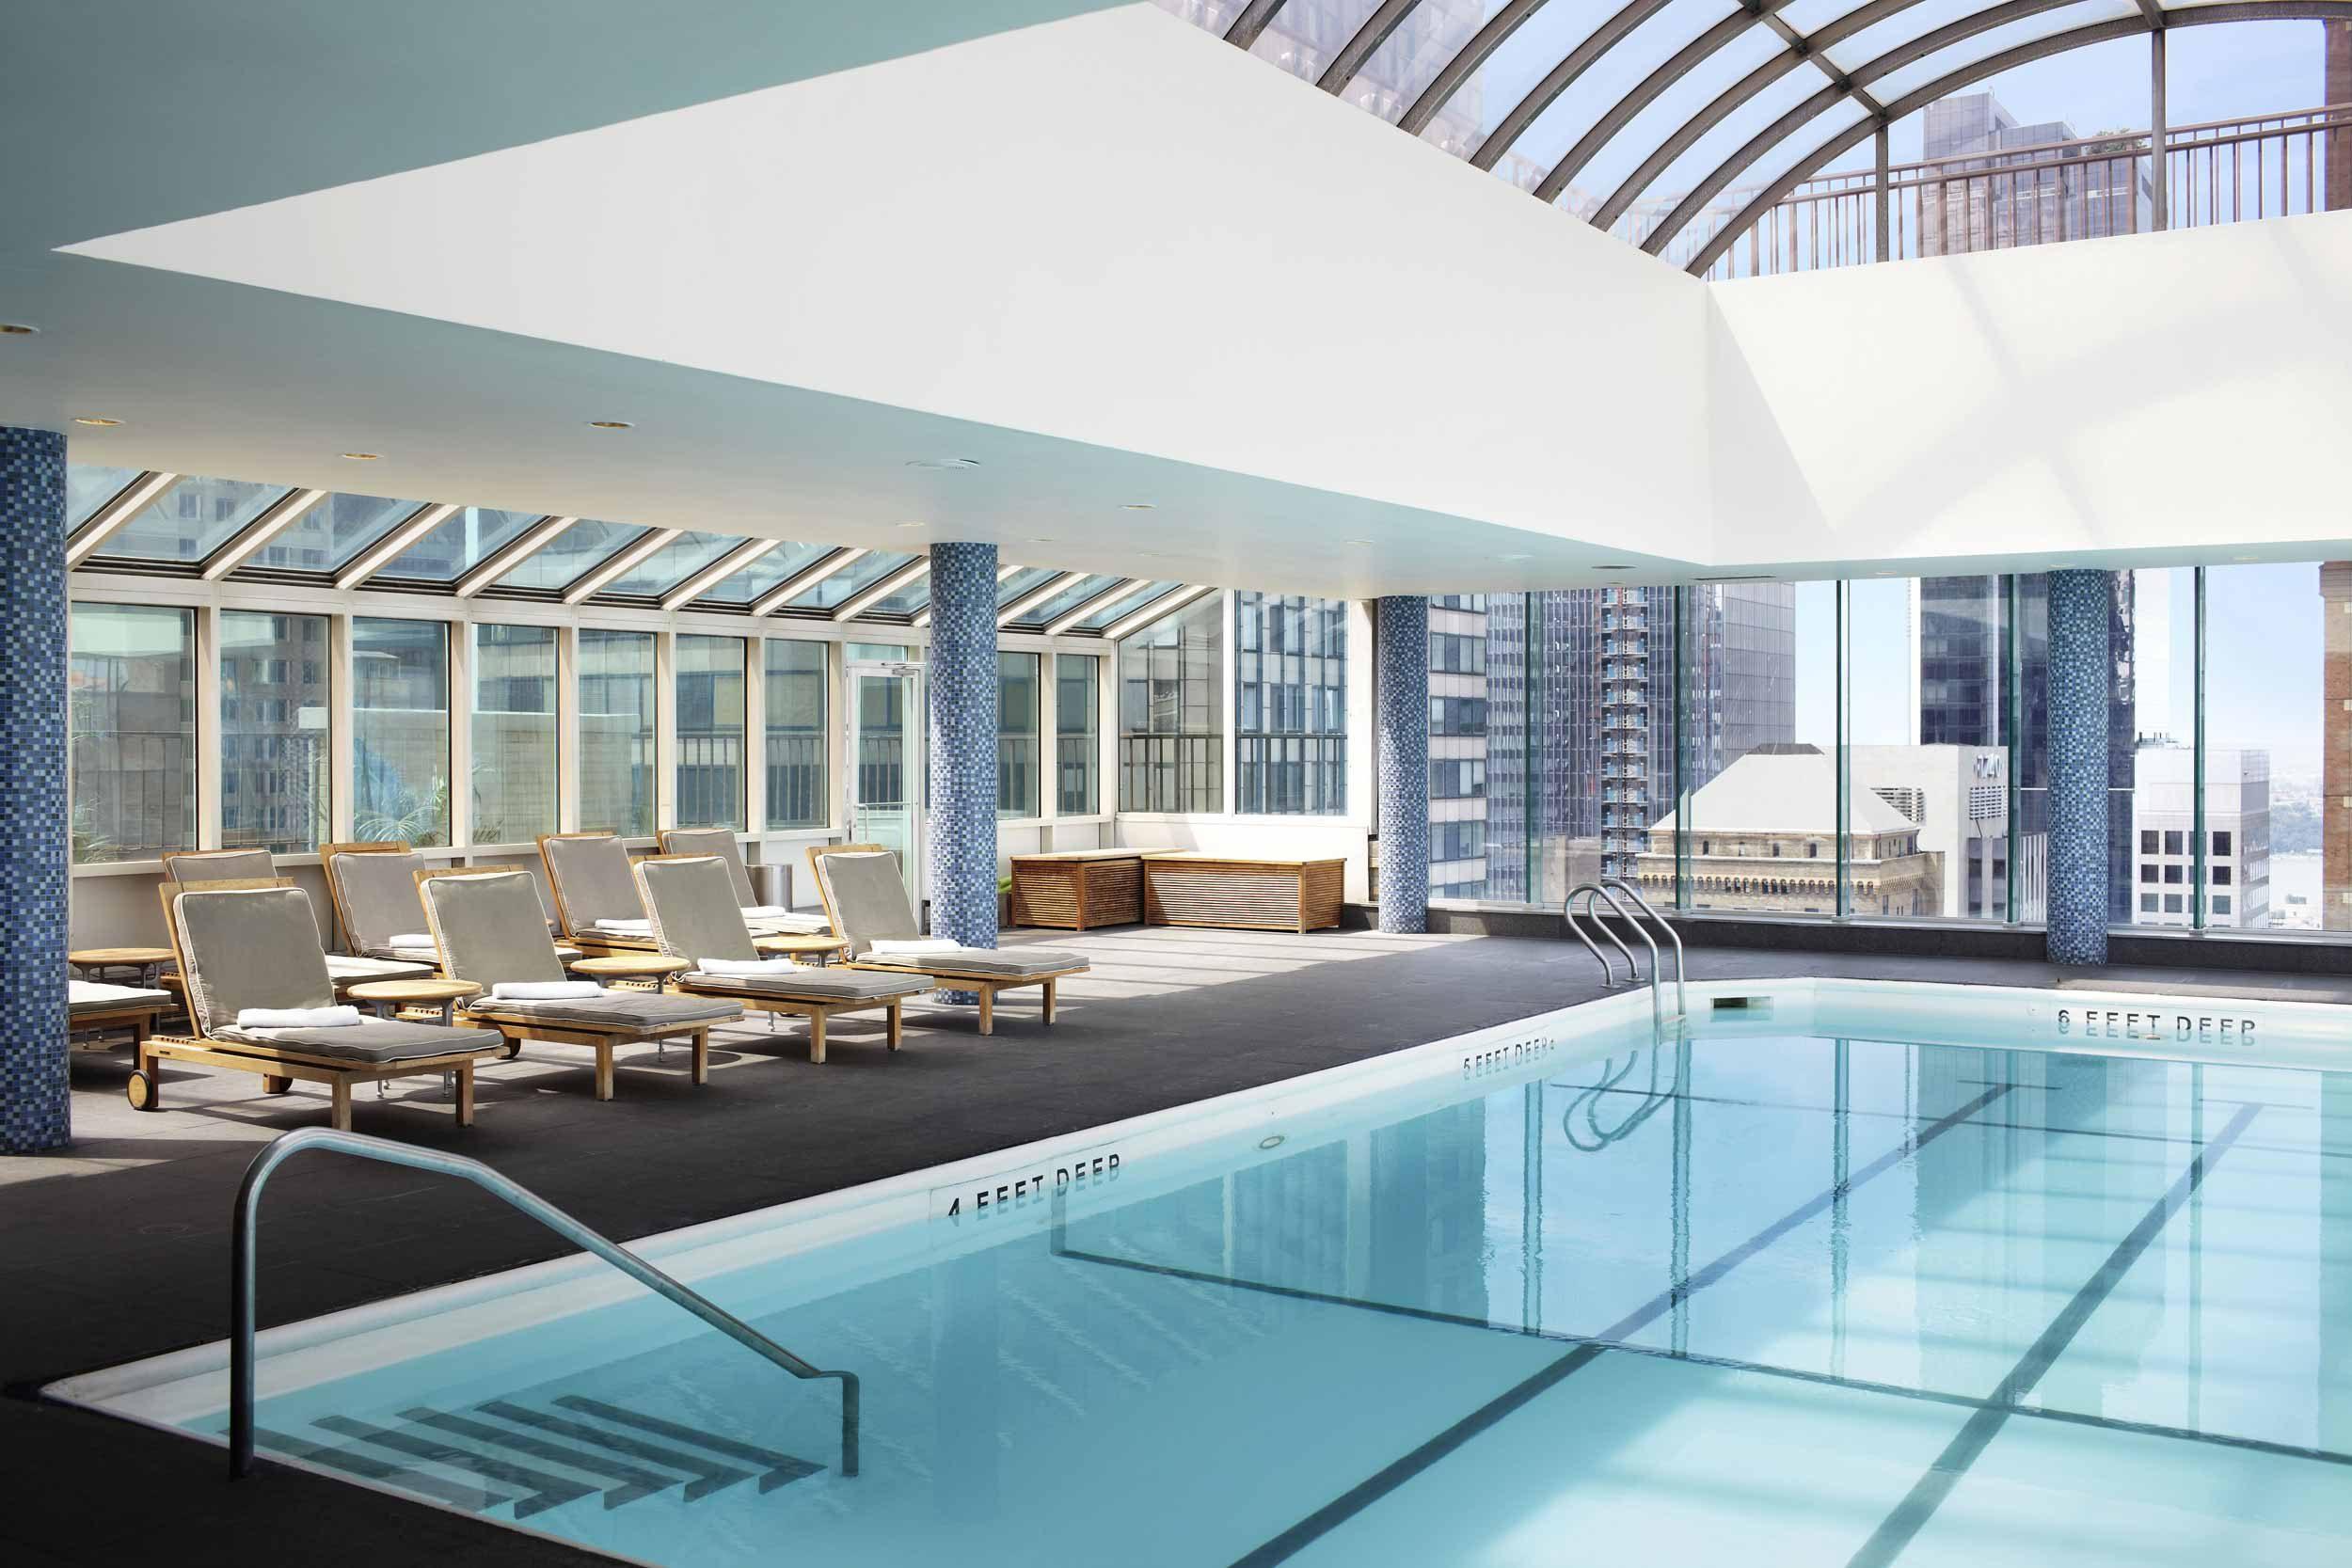 10. Dormez dans des hôtels pour la famille à Manhattan